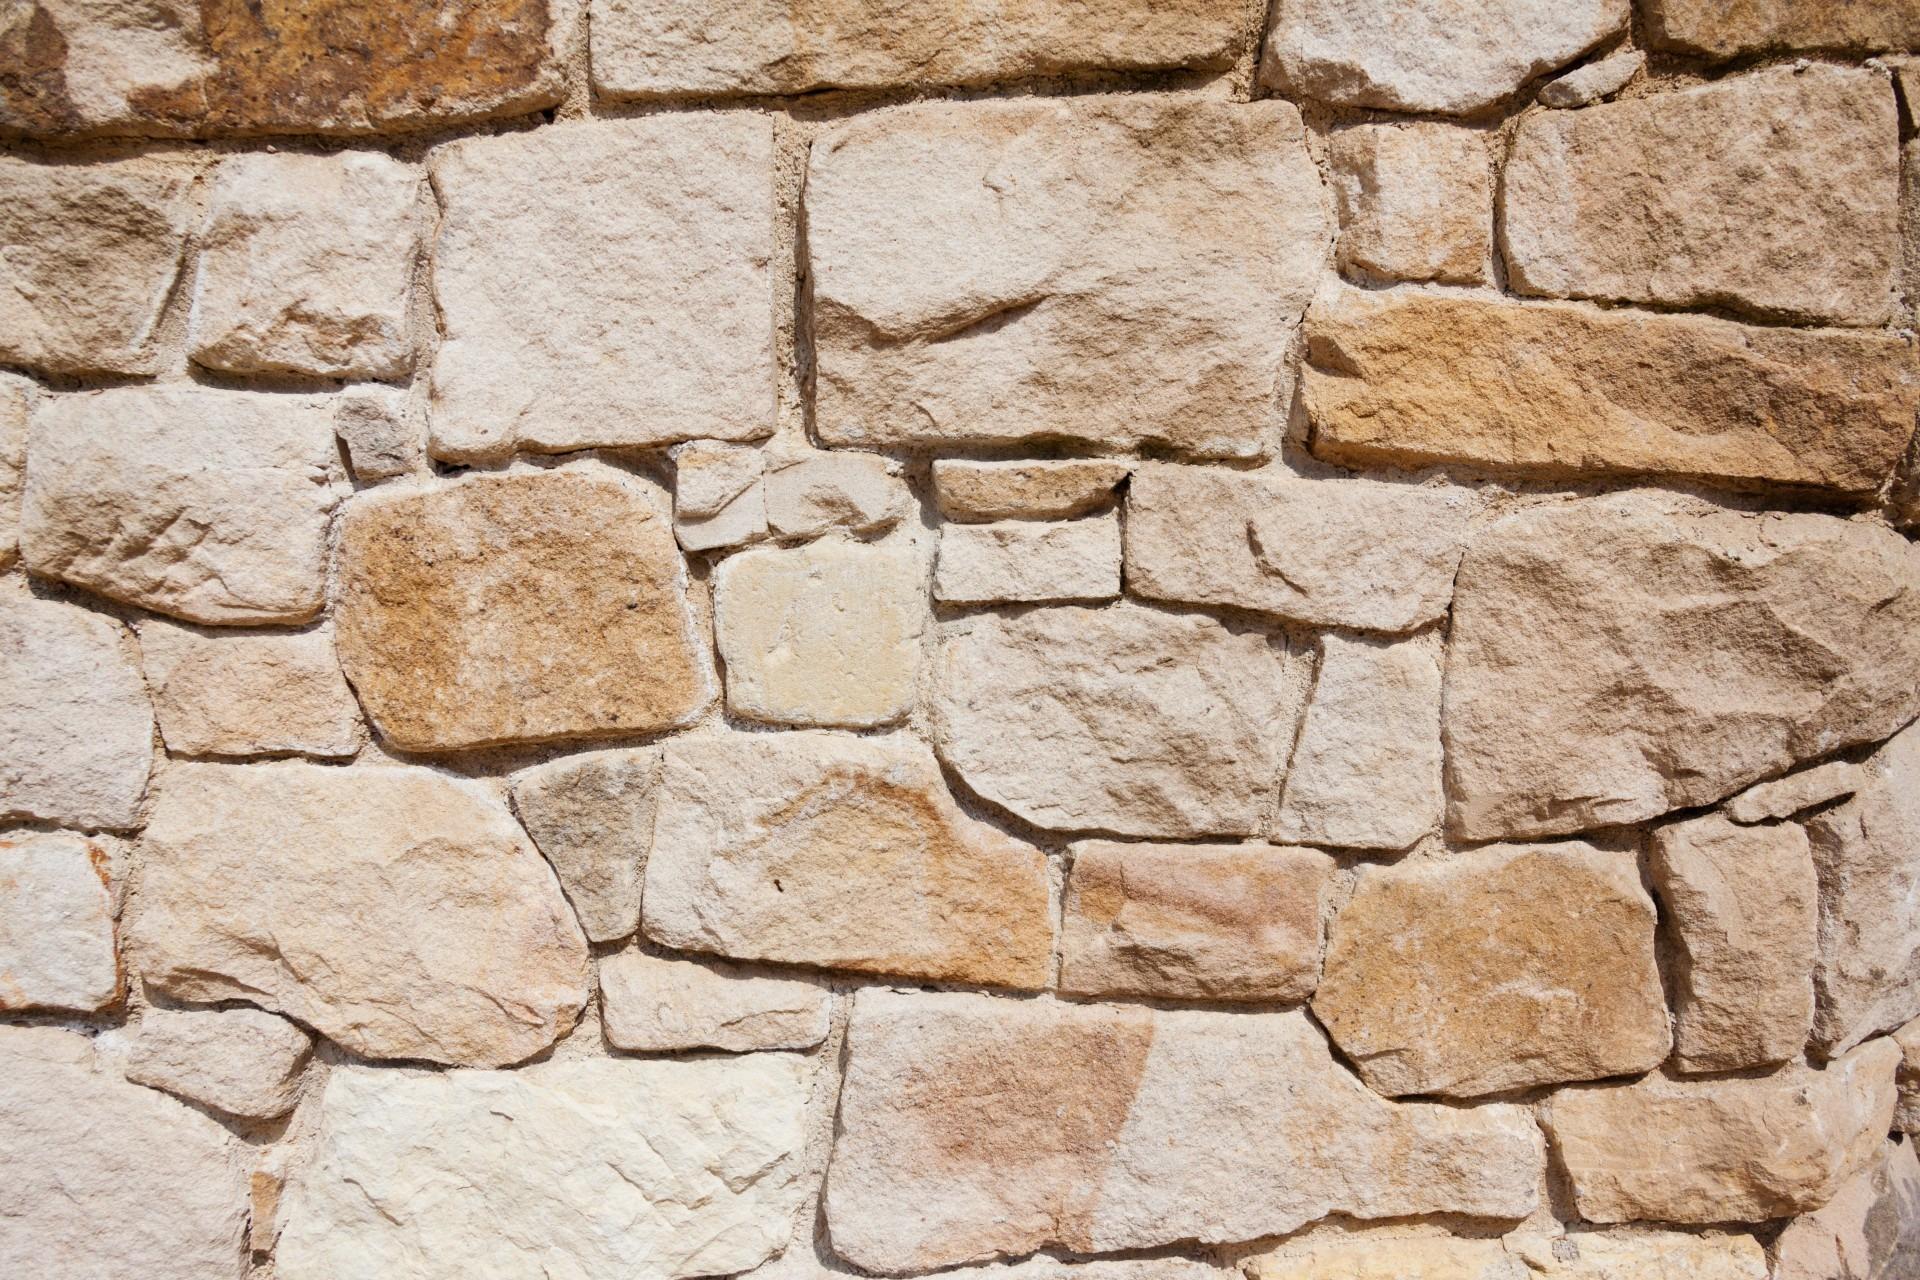 rock estructura textura piso antiguo pared piedra construccin patrn suelo spero pared de piedra ladrillo